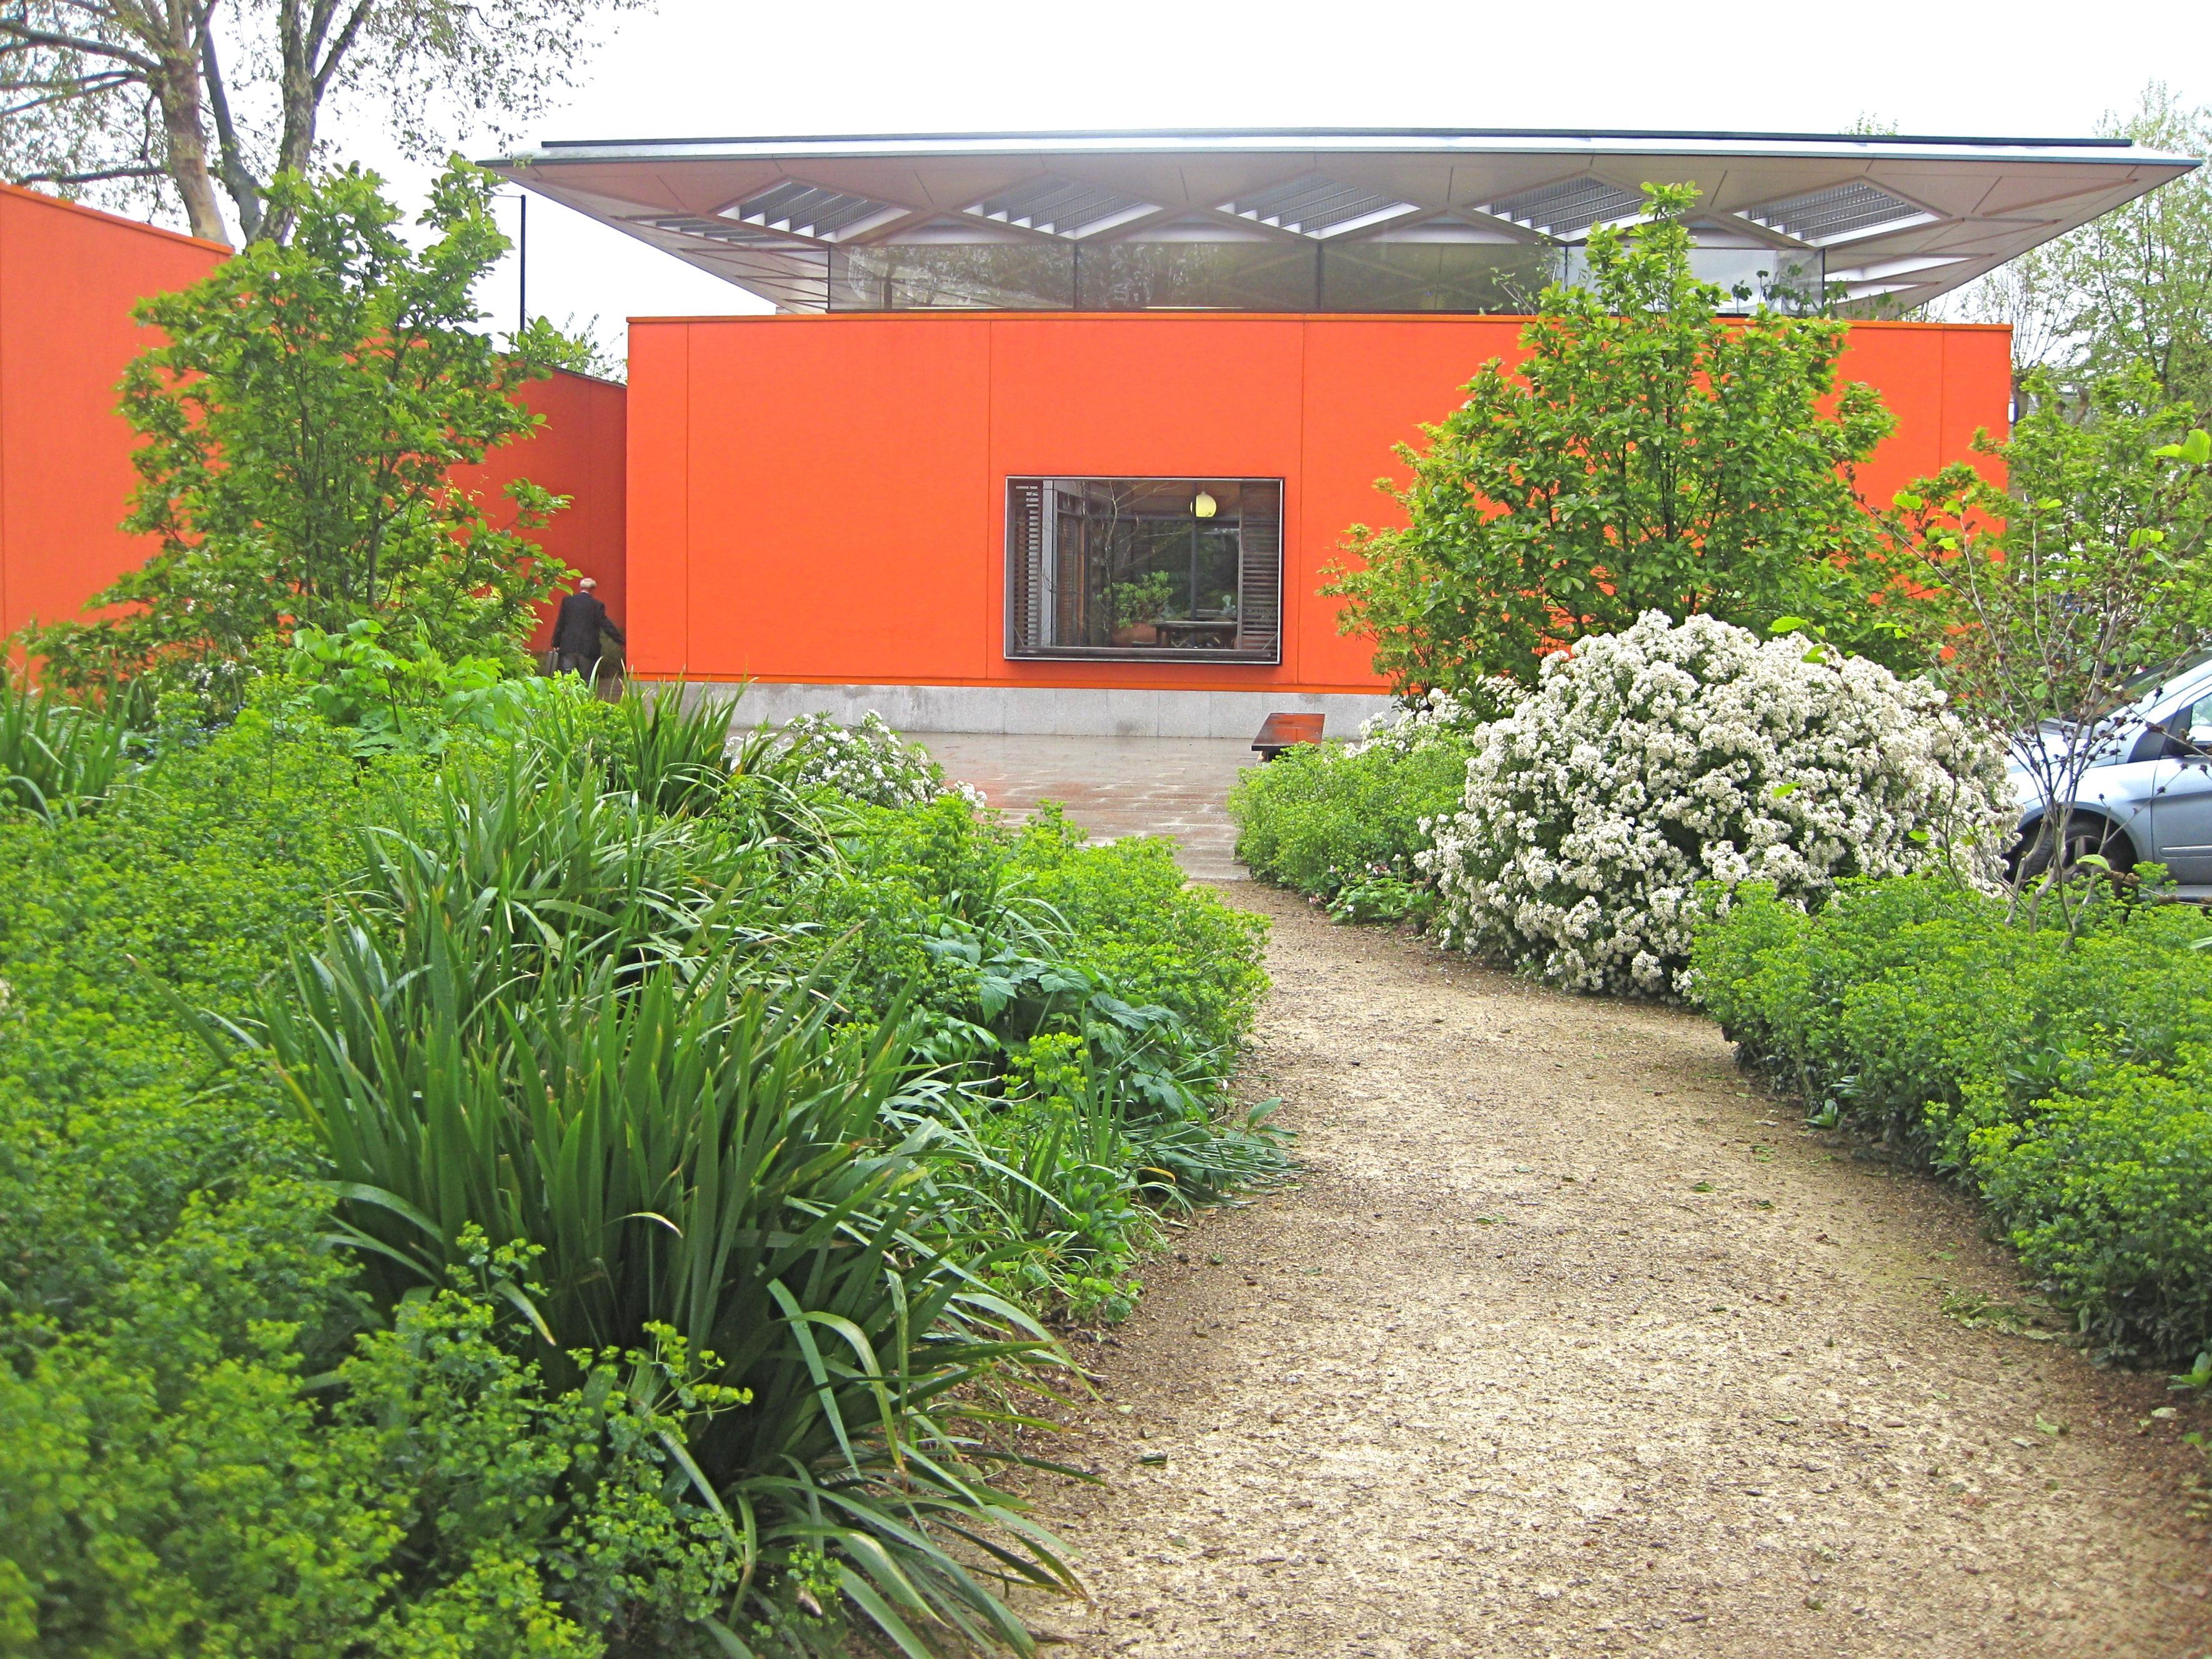 Maggie's centra, (groene) architectuur van de hoop ...